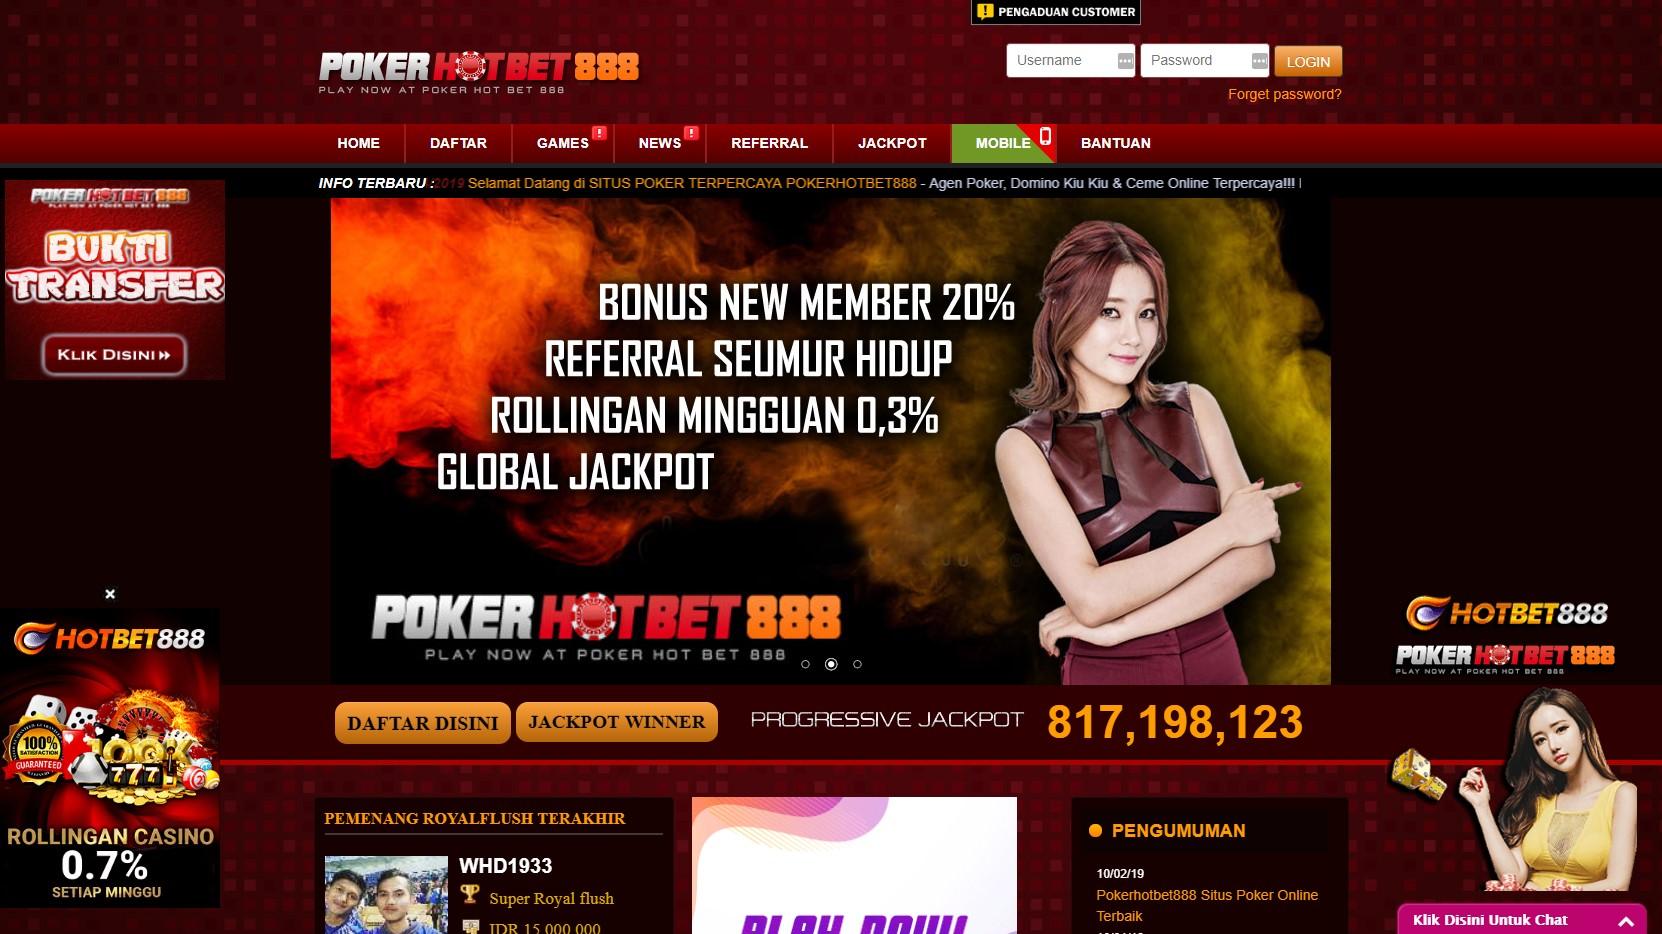 Situs Bermain IDN Poker88 Online Terbaik Dengan Keuntungan Berlimpah